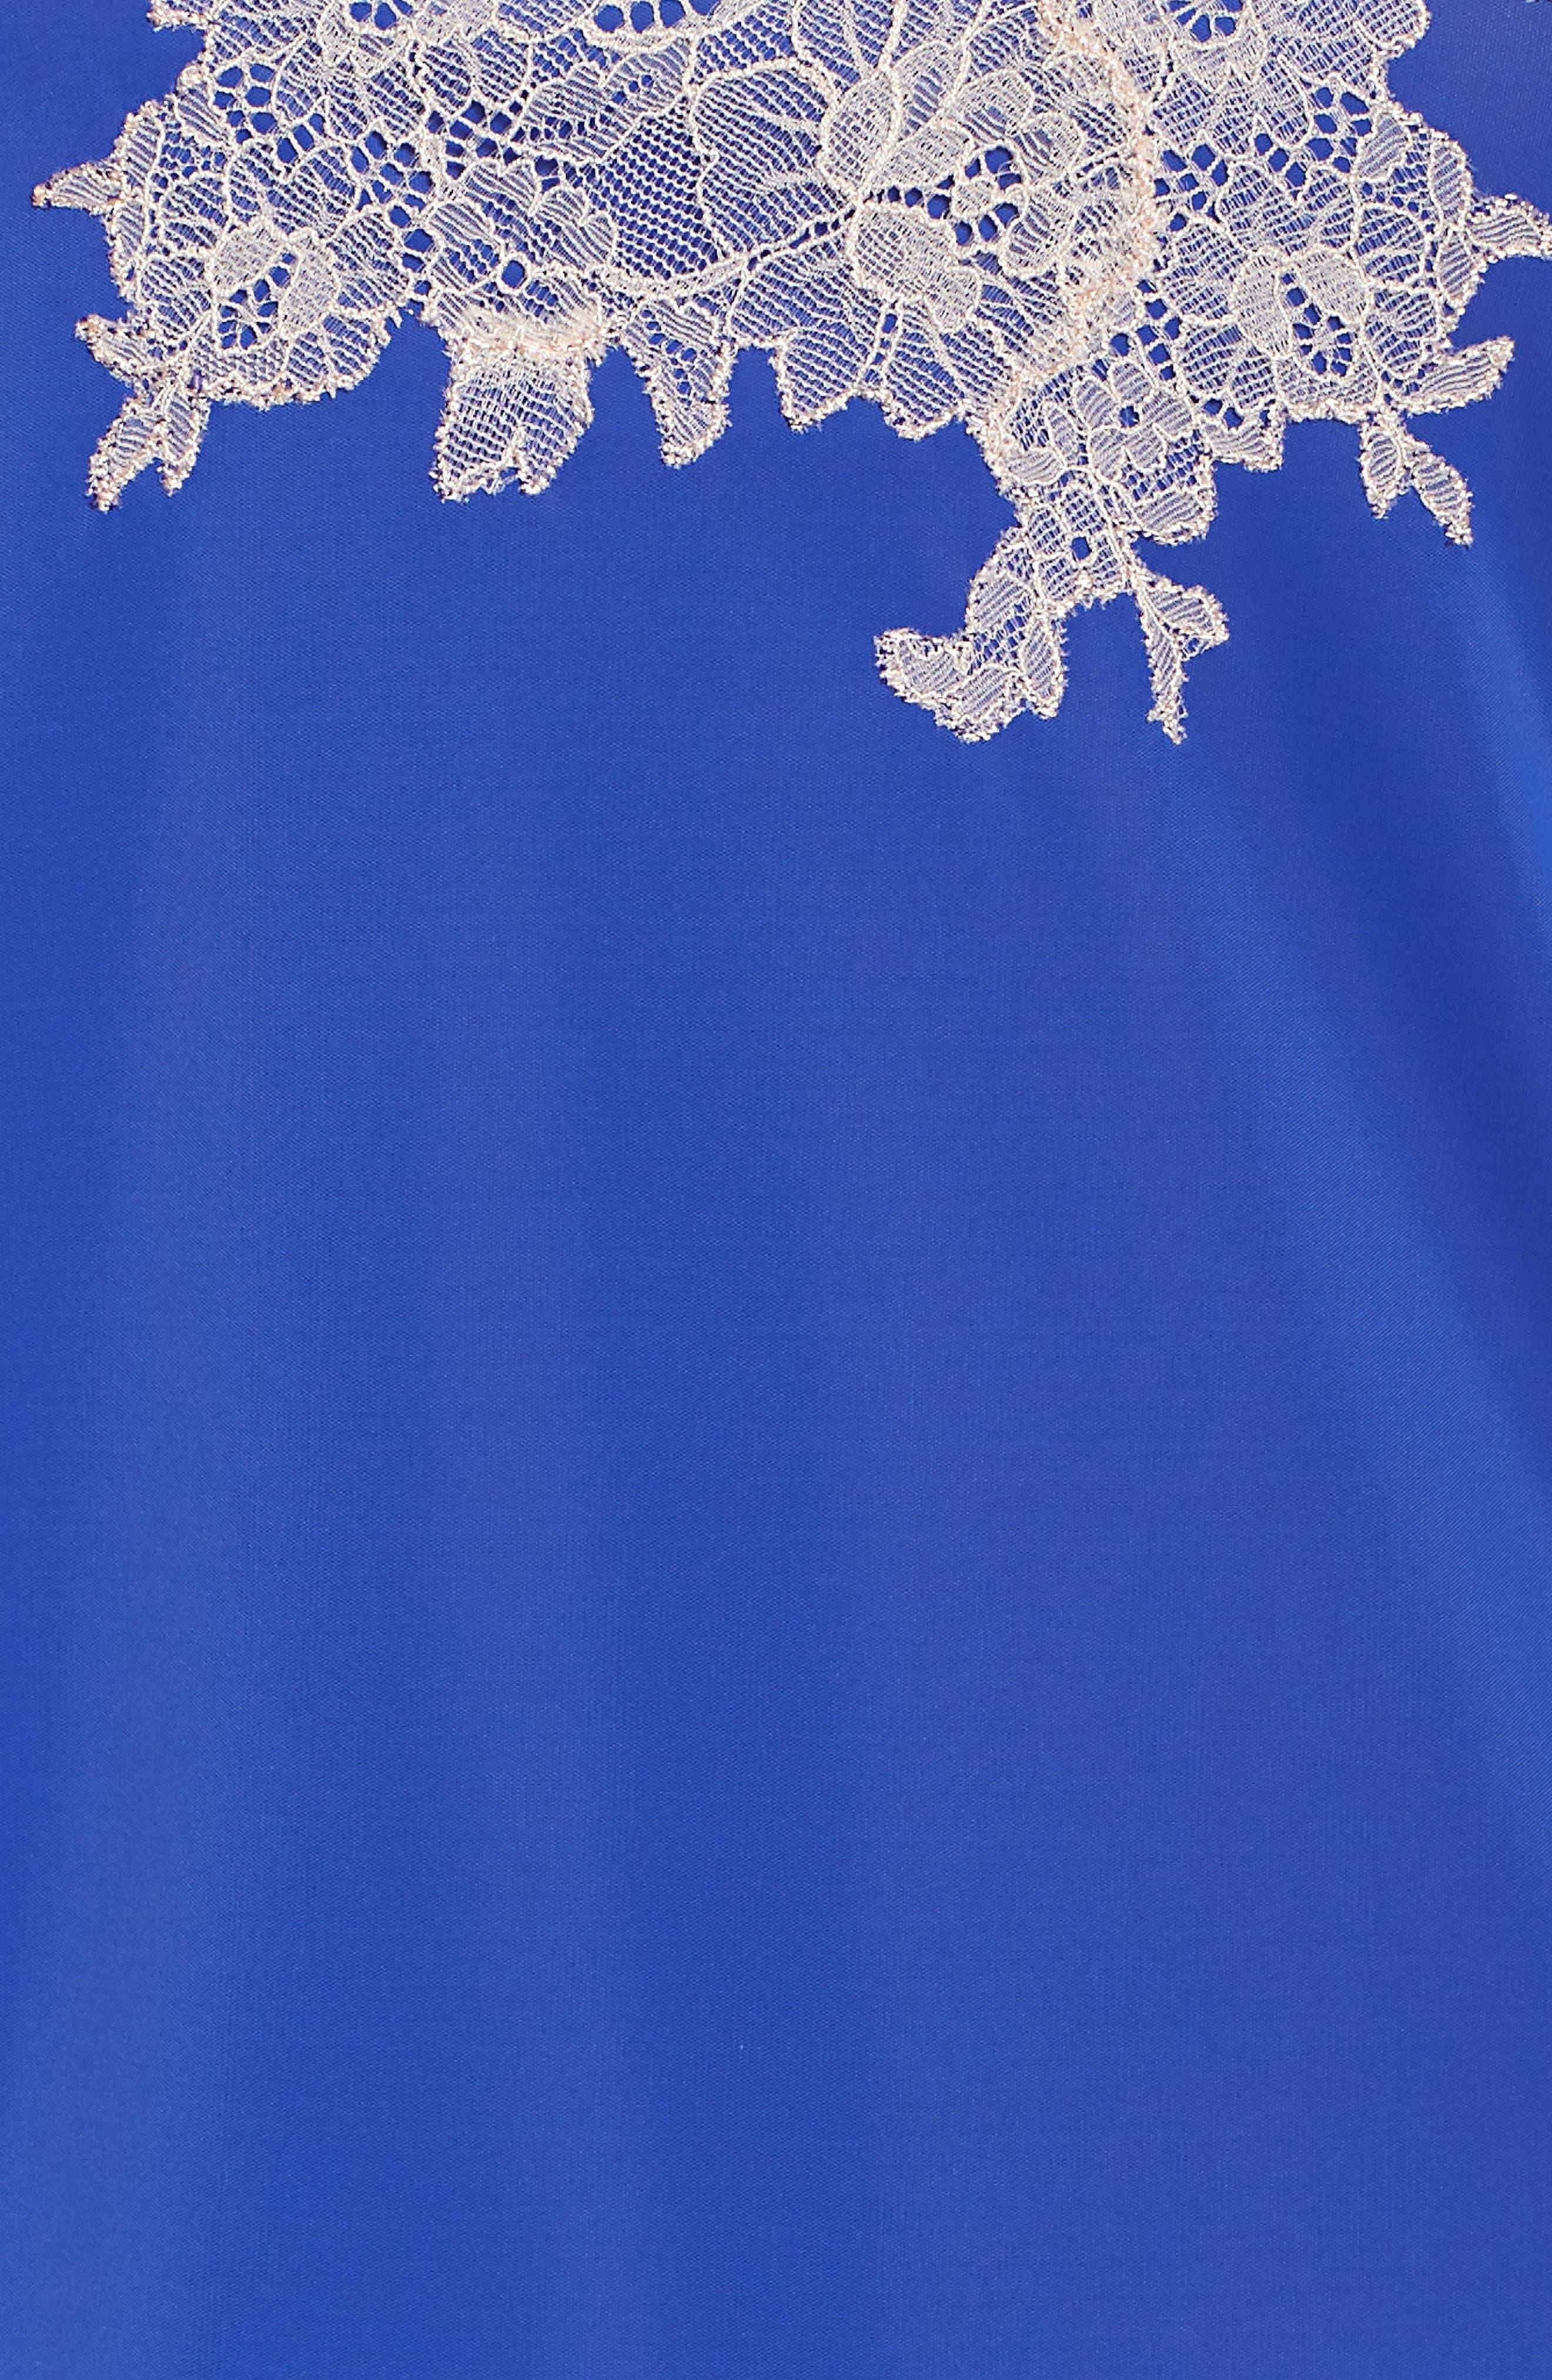 Enchant Lace Romper,                             Alternate thumbnail 5, color,                             COBALT/ CAM RSE LACE